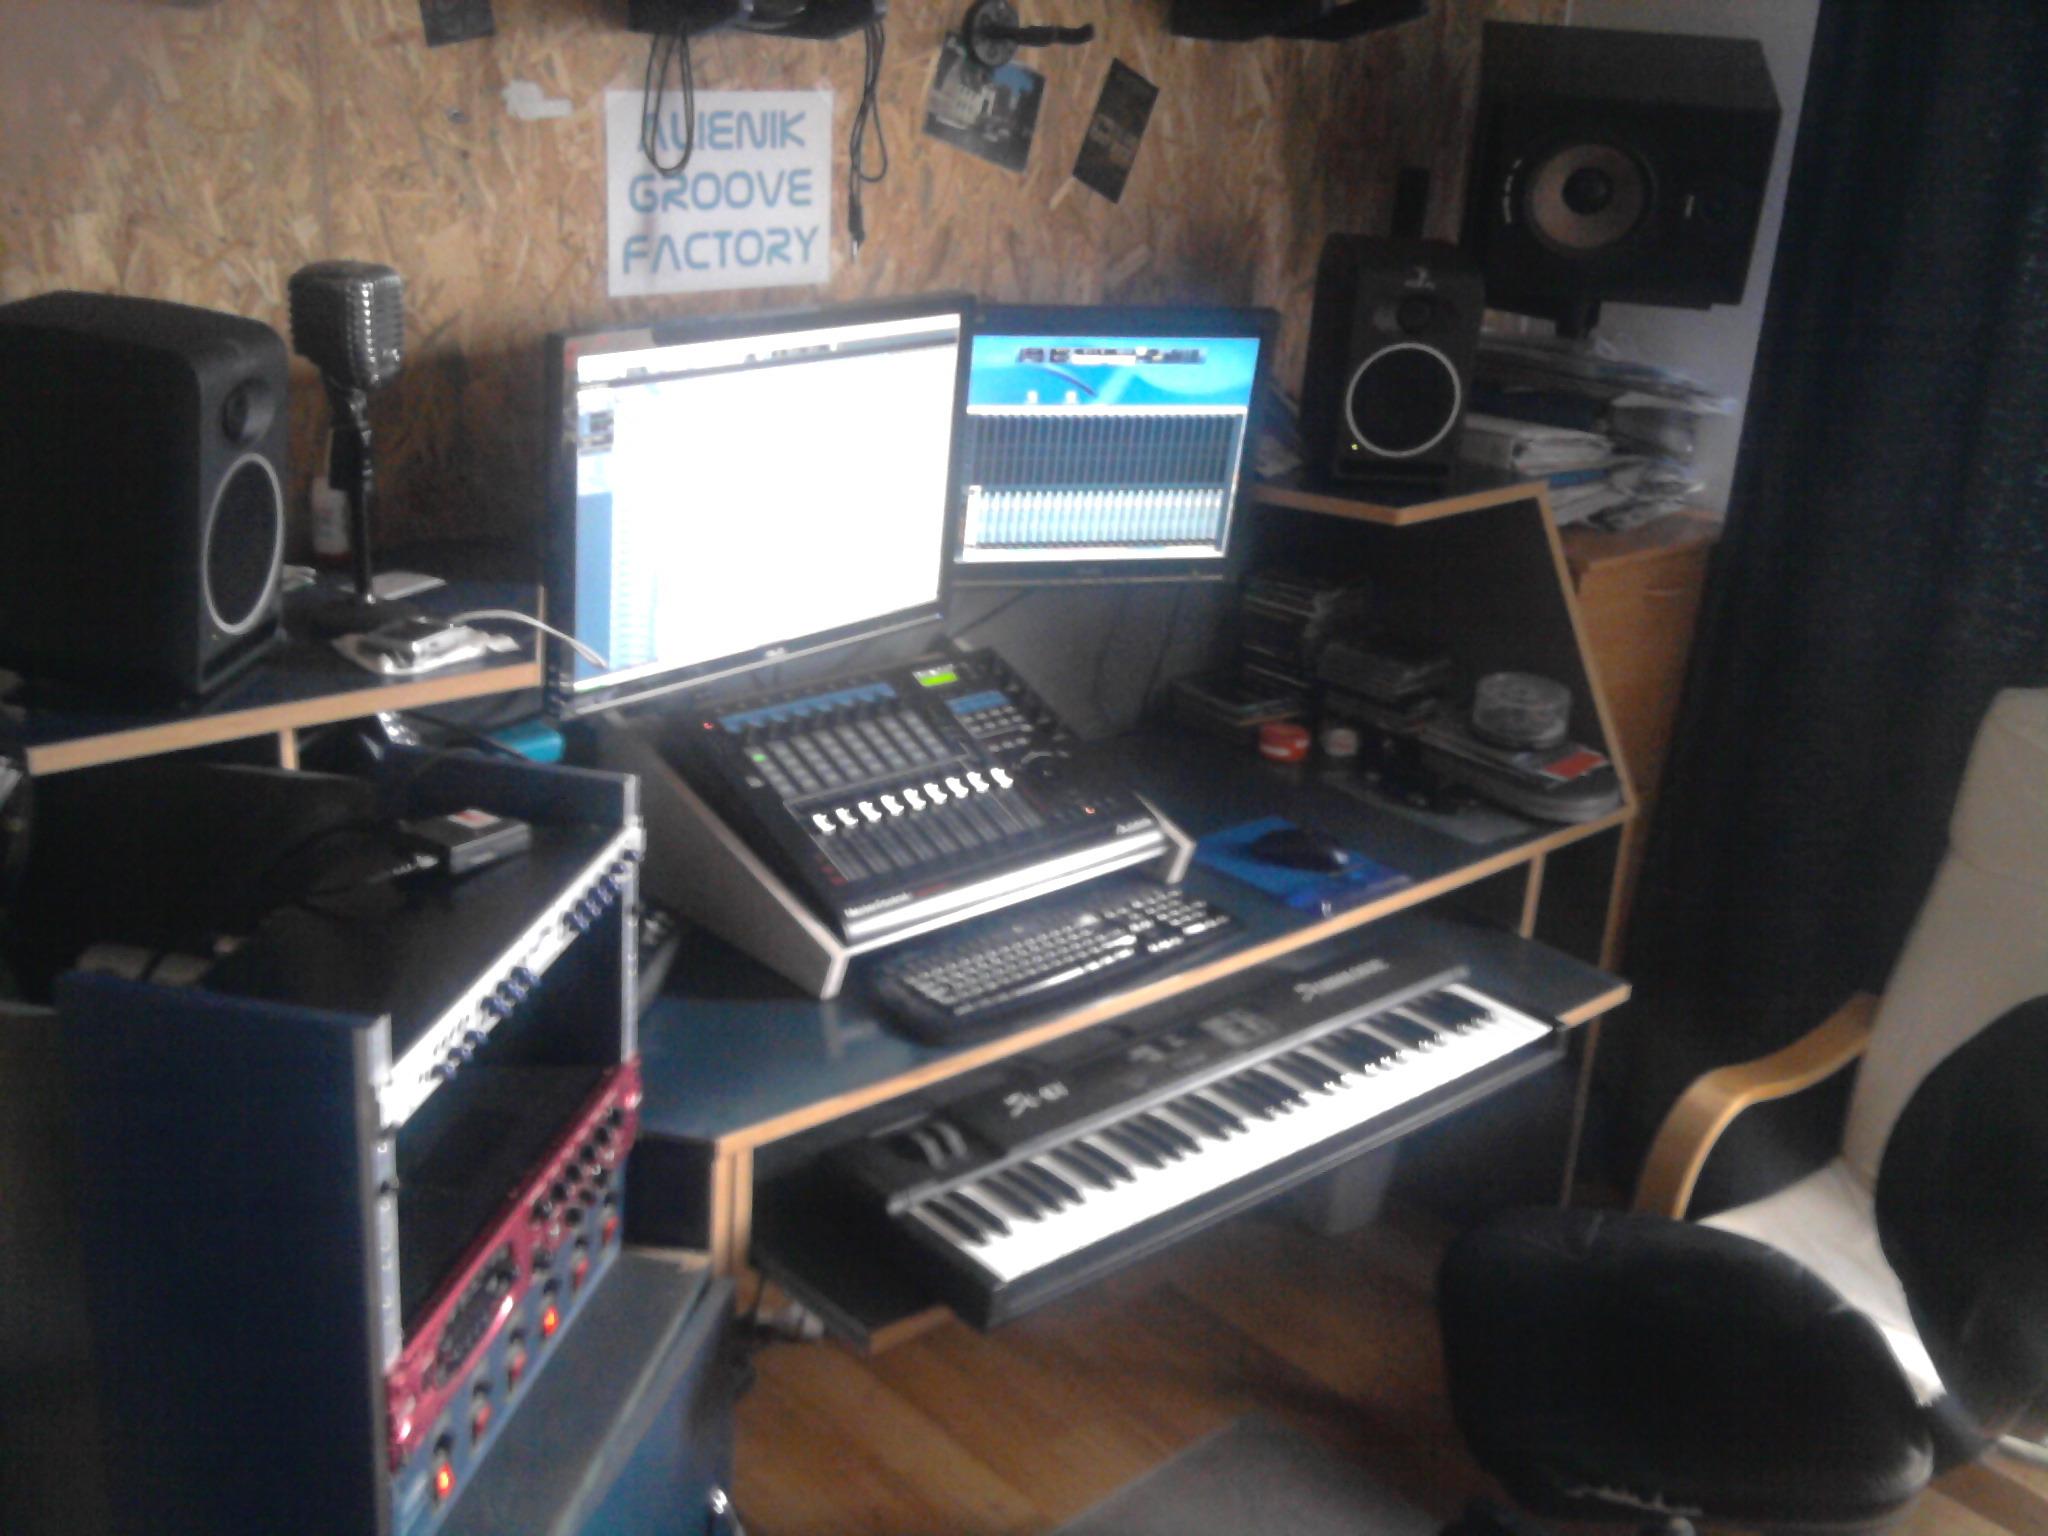 studio d 39 enregistrement hip hop a boulogne sur mer boulogne sur mer 62200. Black Bedroom Furniture Sets. Home Design Ideas